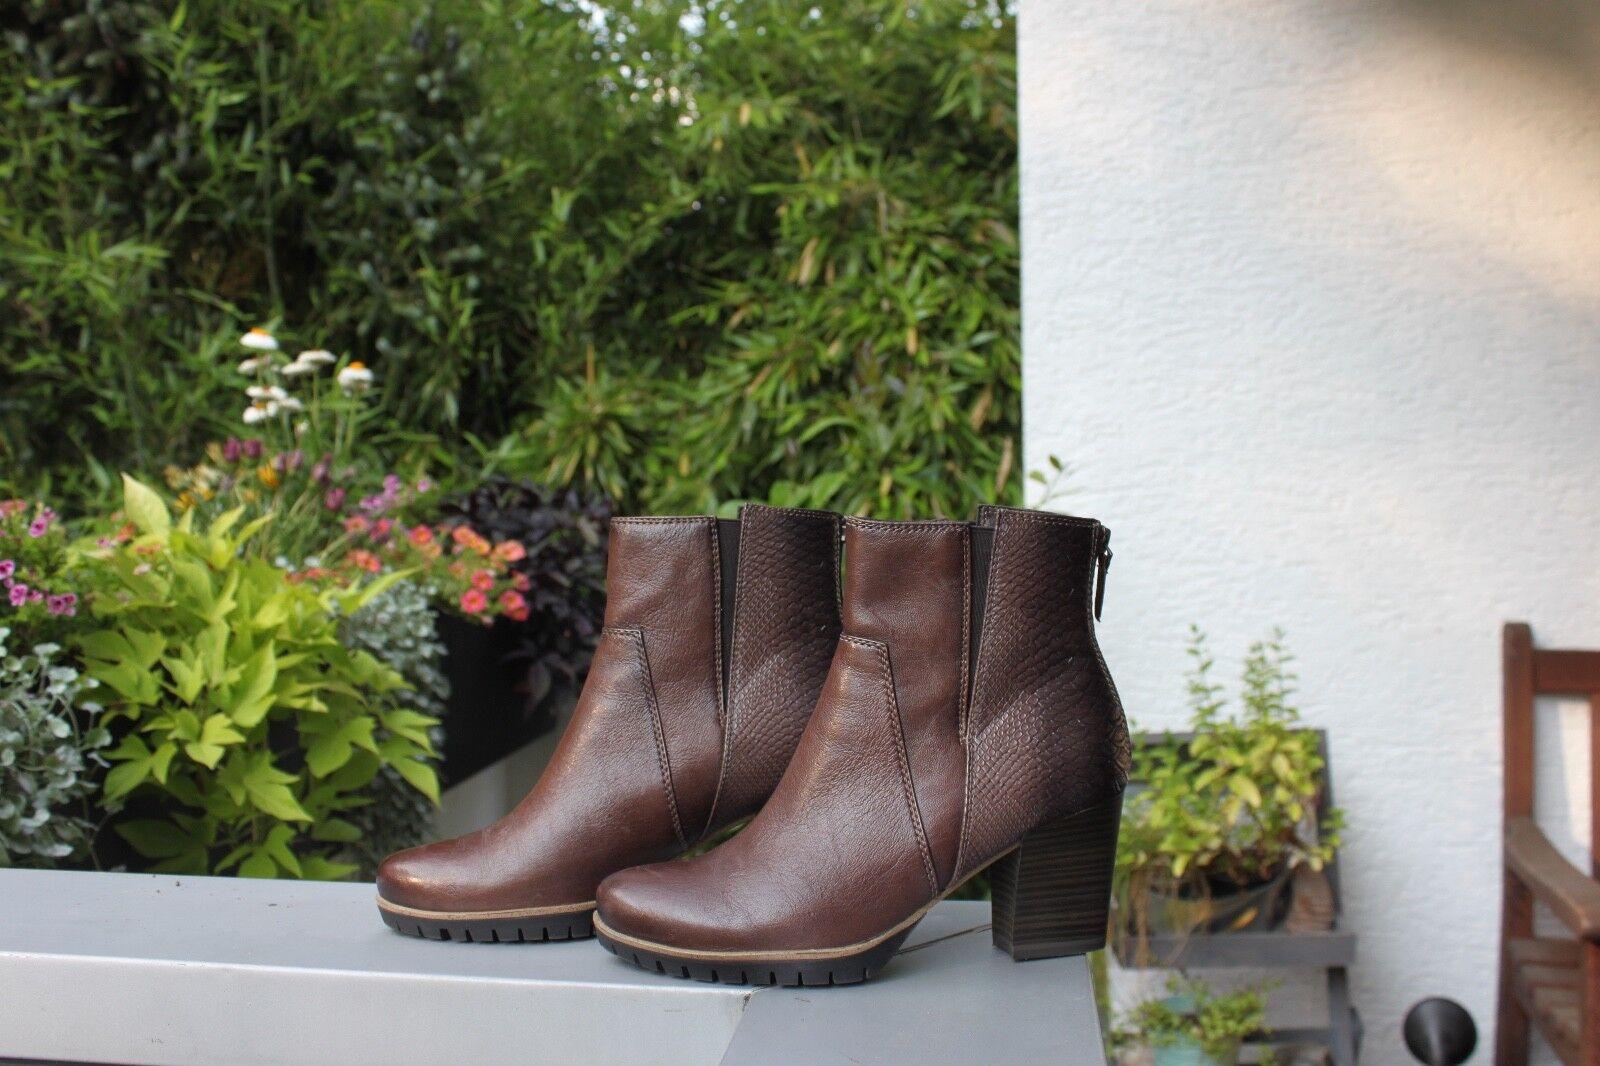 Tamaris Damenschuh Stiefel Stiefelette 1-25392-25-304 mocca Leather Schlangen